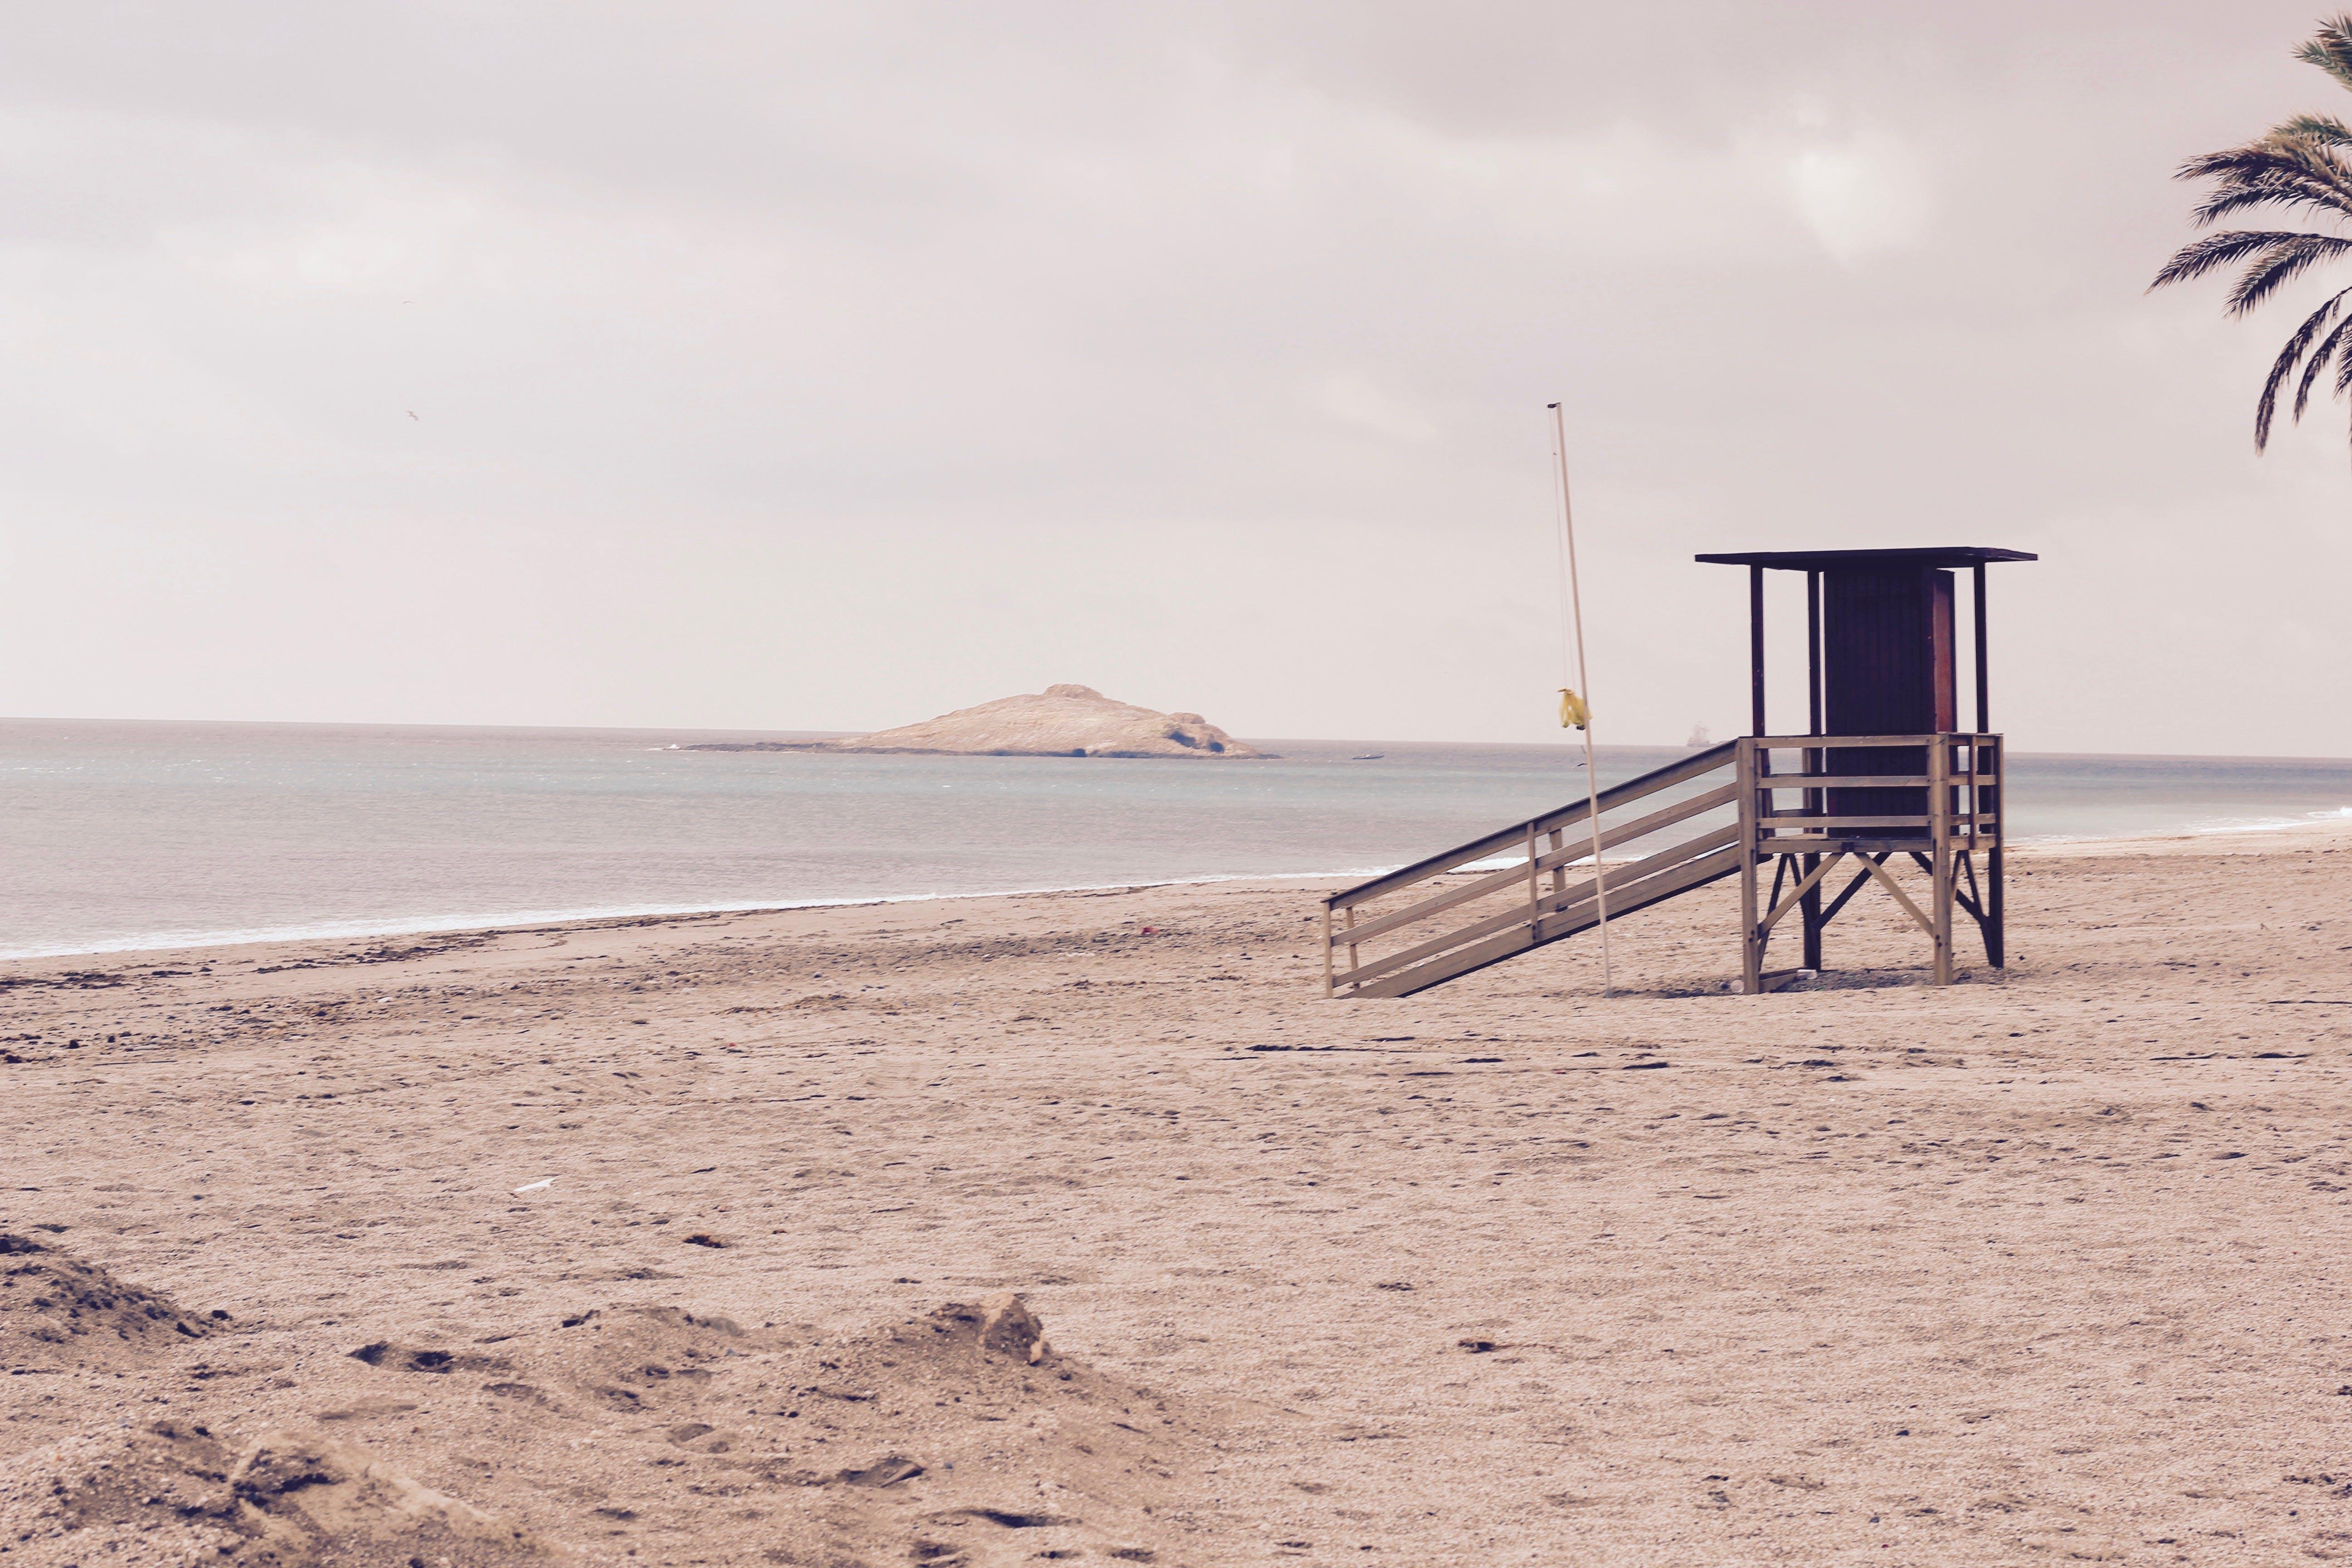 くつろぎ, シースケープ, ビーチ, ライフガードの無料の写真素材